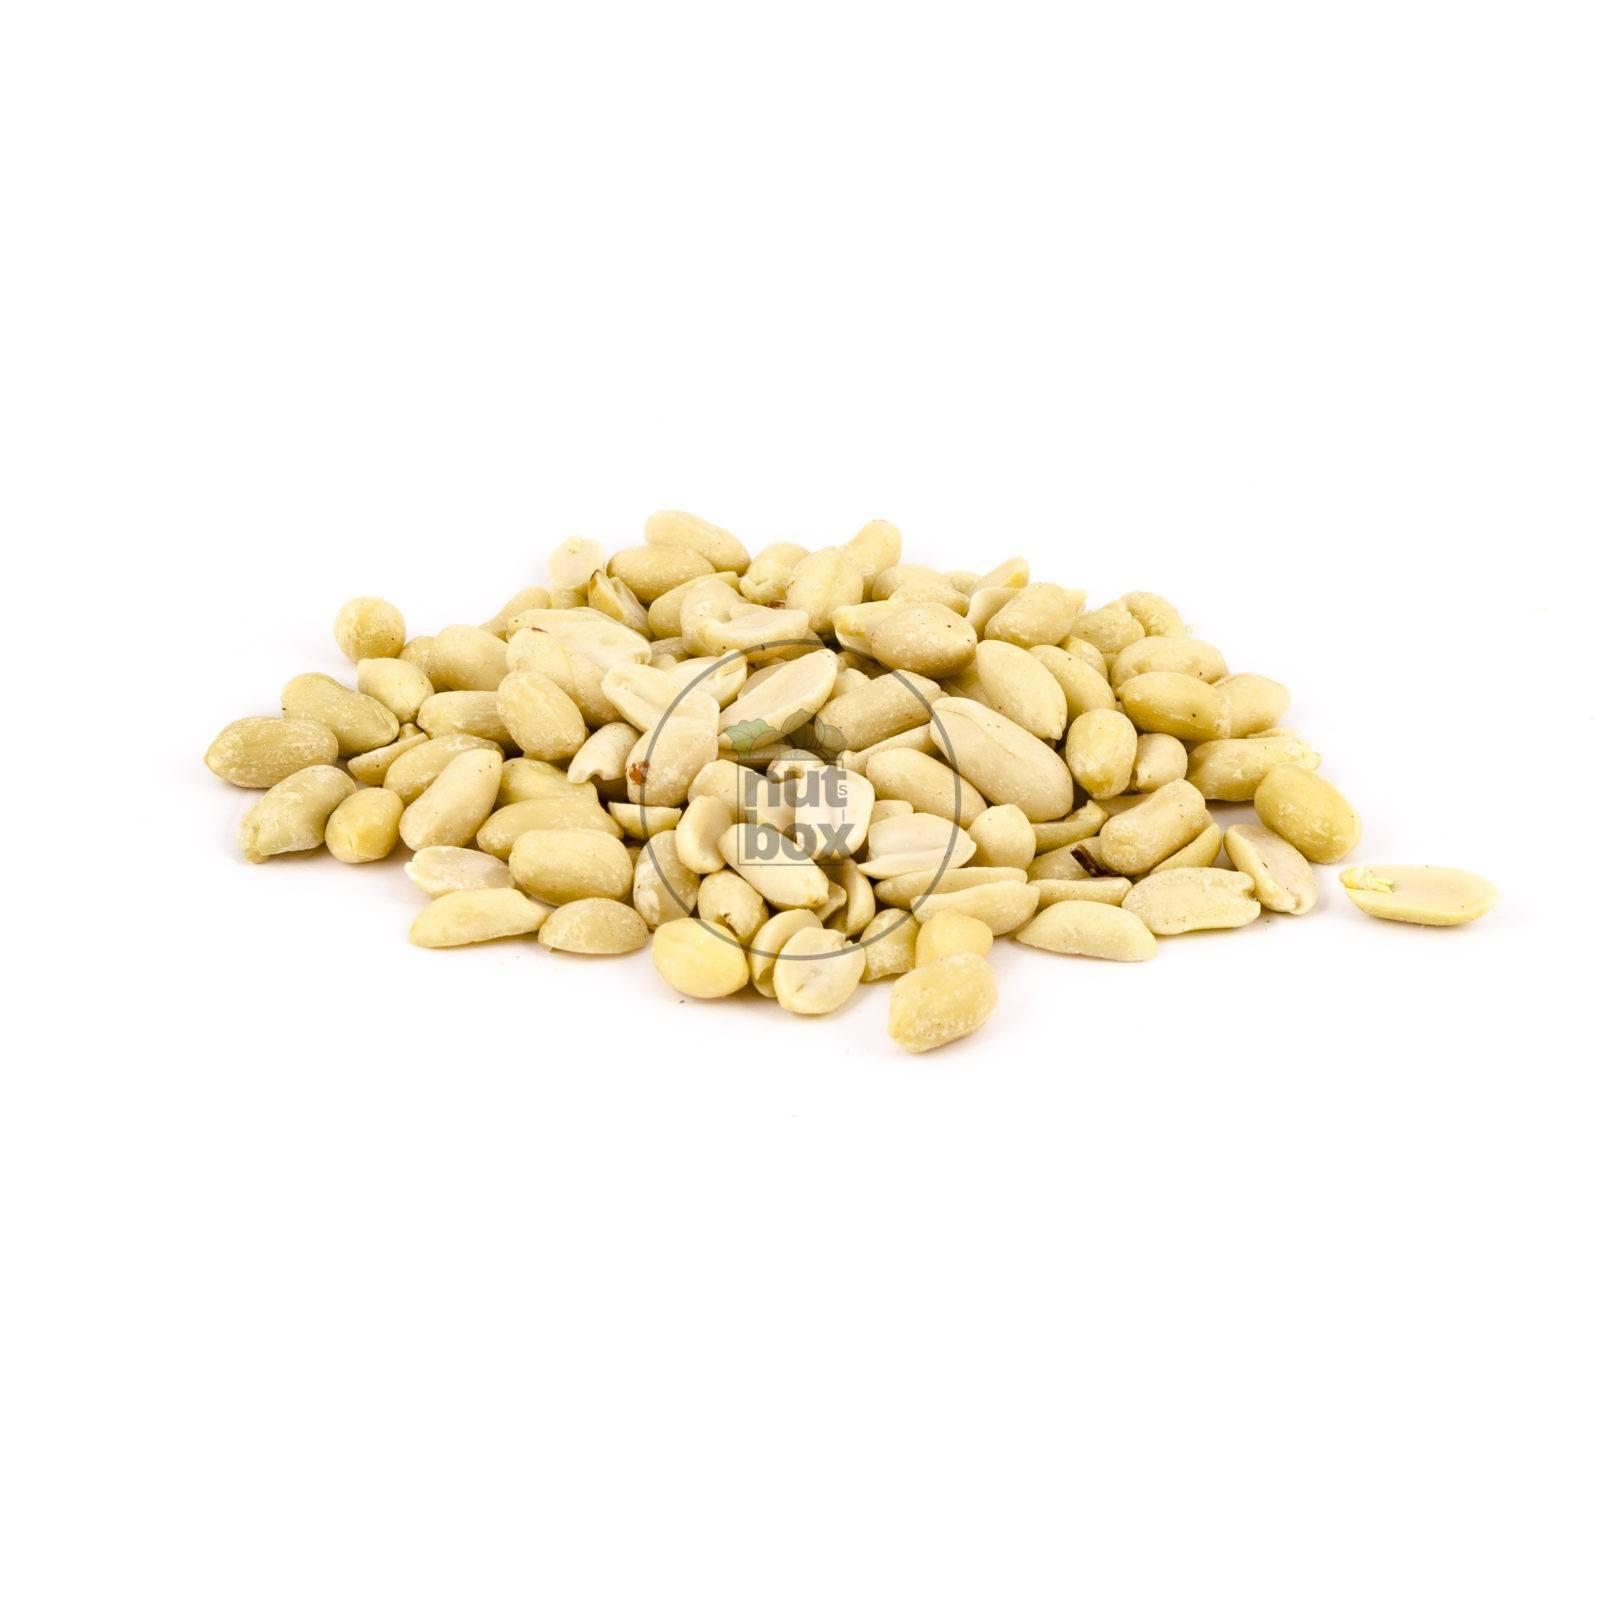 Сырой арахис — полезные свойства и возможный и вред